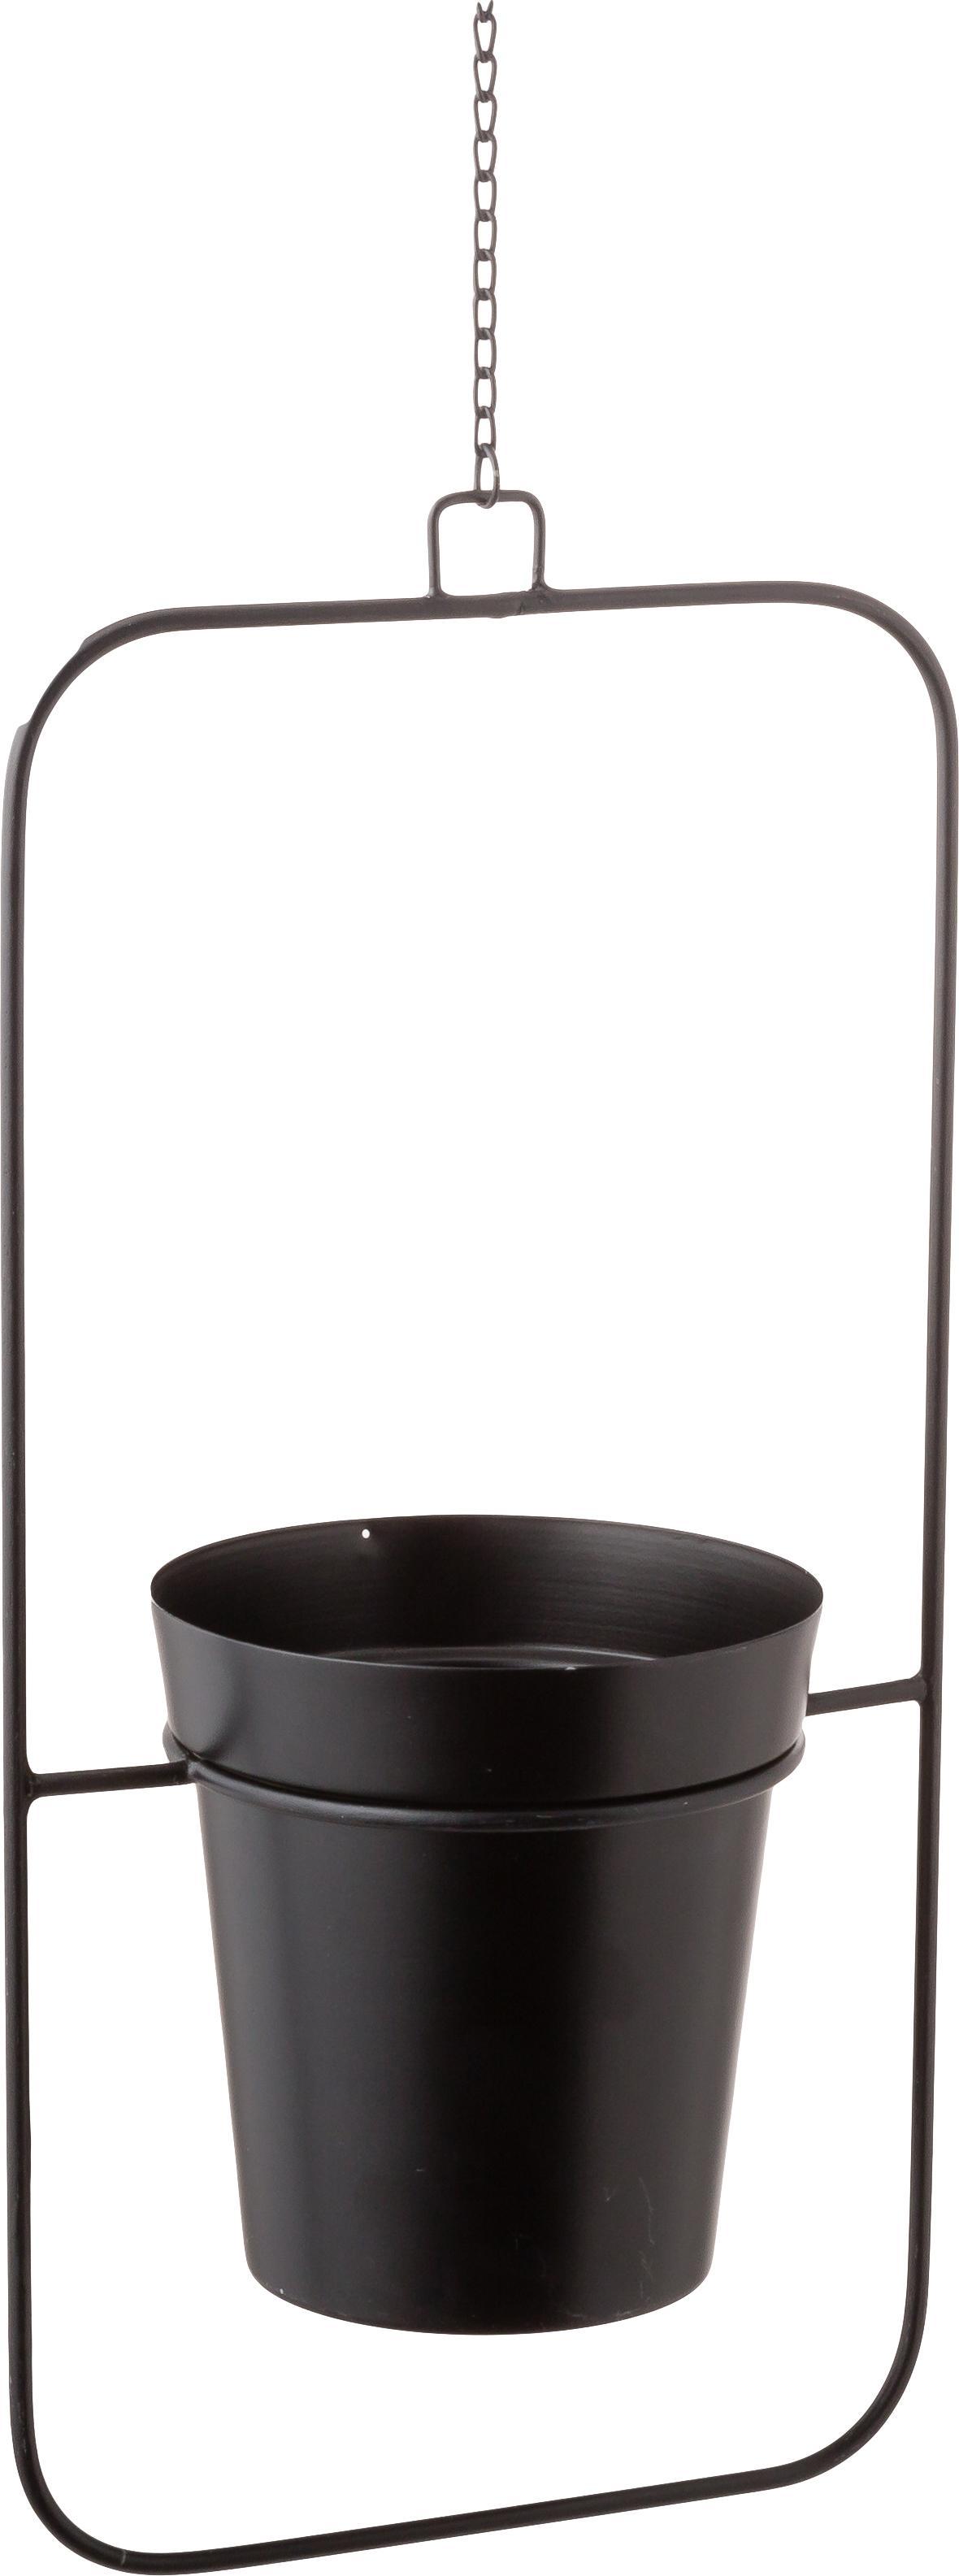 Großer hängender Übertopf Undine aus Metall, Metall, lackiert, Schwarz, 21 x 42 cm